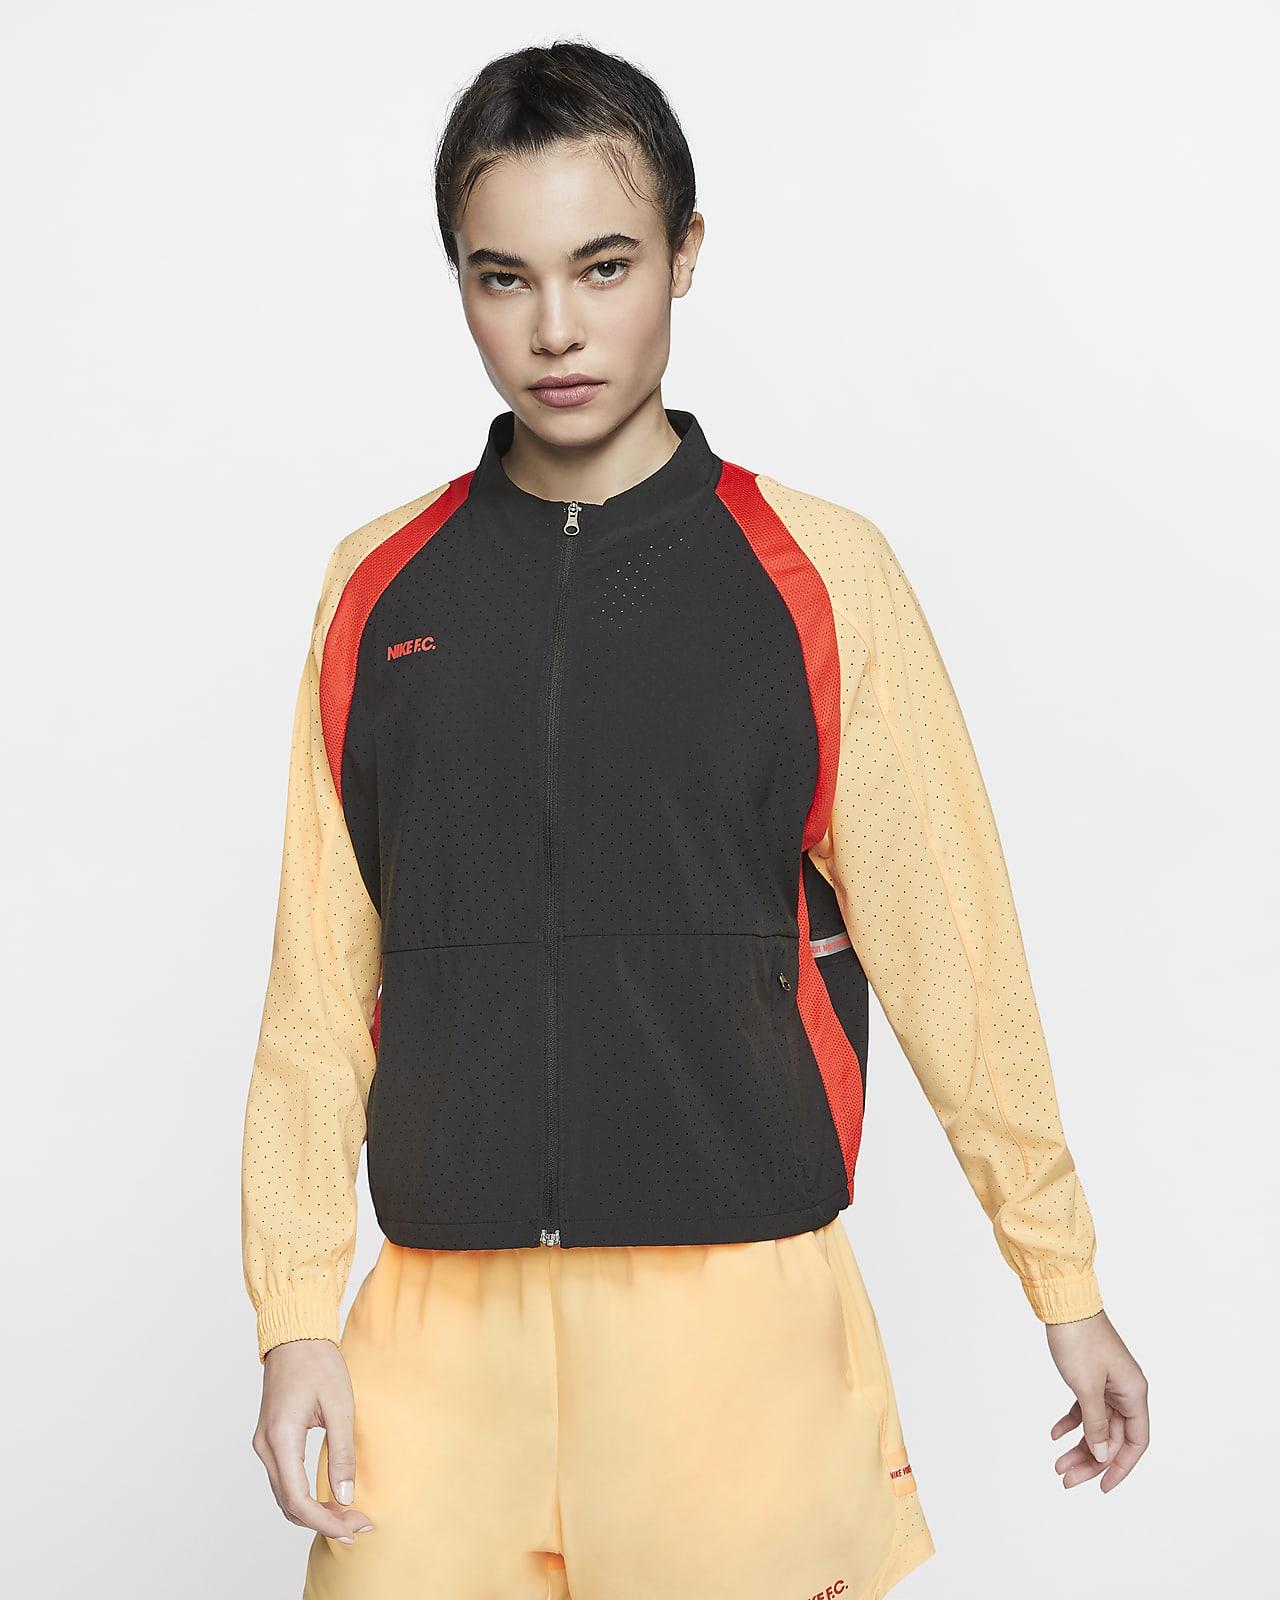 Nike F.C. Deutschland Damen-Fußballjacke mit durchgehendem Reißverschluss